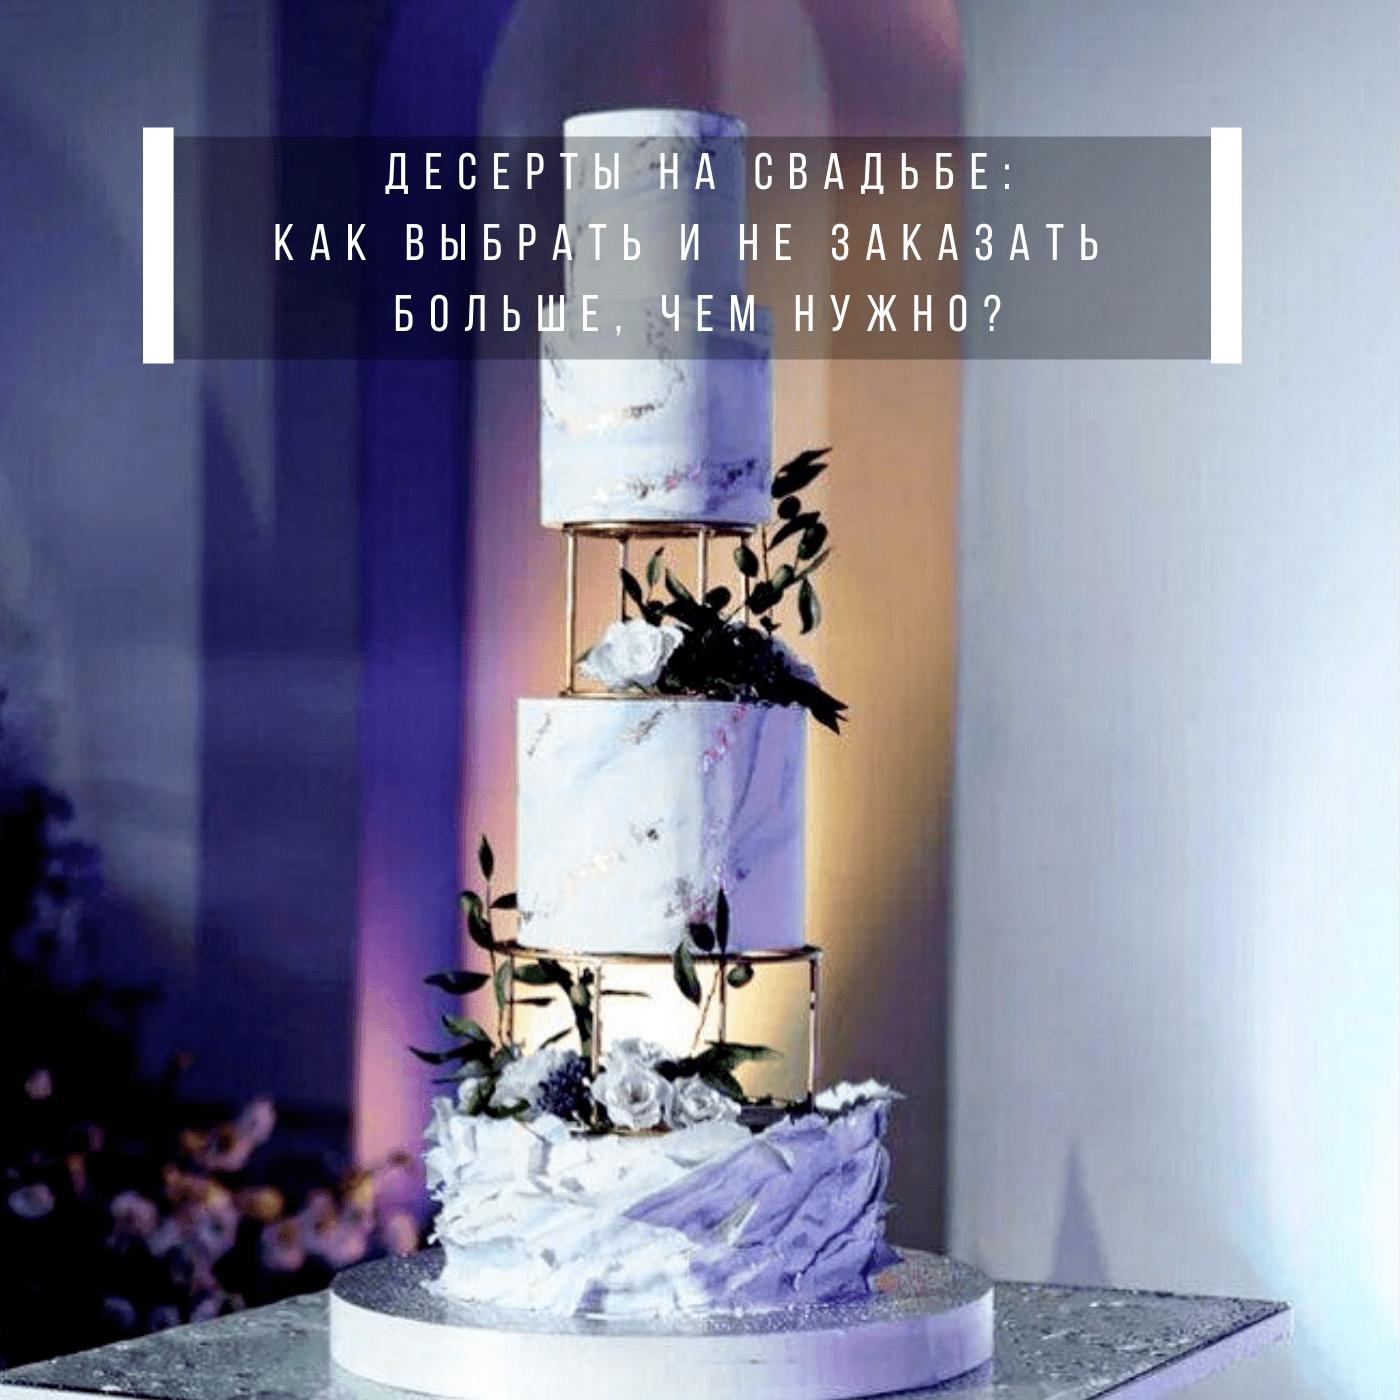 Десерты на свадьбе: как выбрать и не заказать больше, чем нужно?